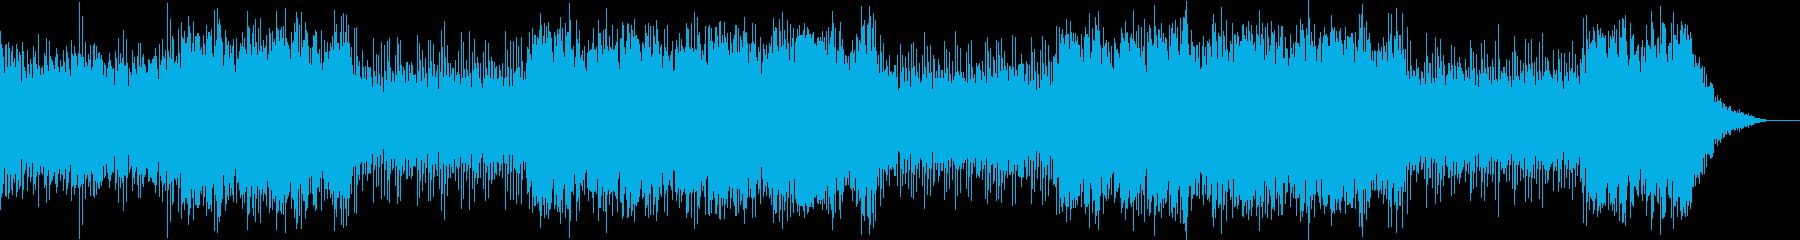 サスペンス現場で流れそうなホラーBGMの再生済みの波形